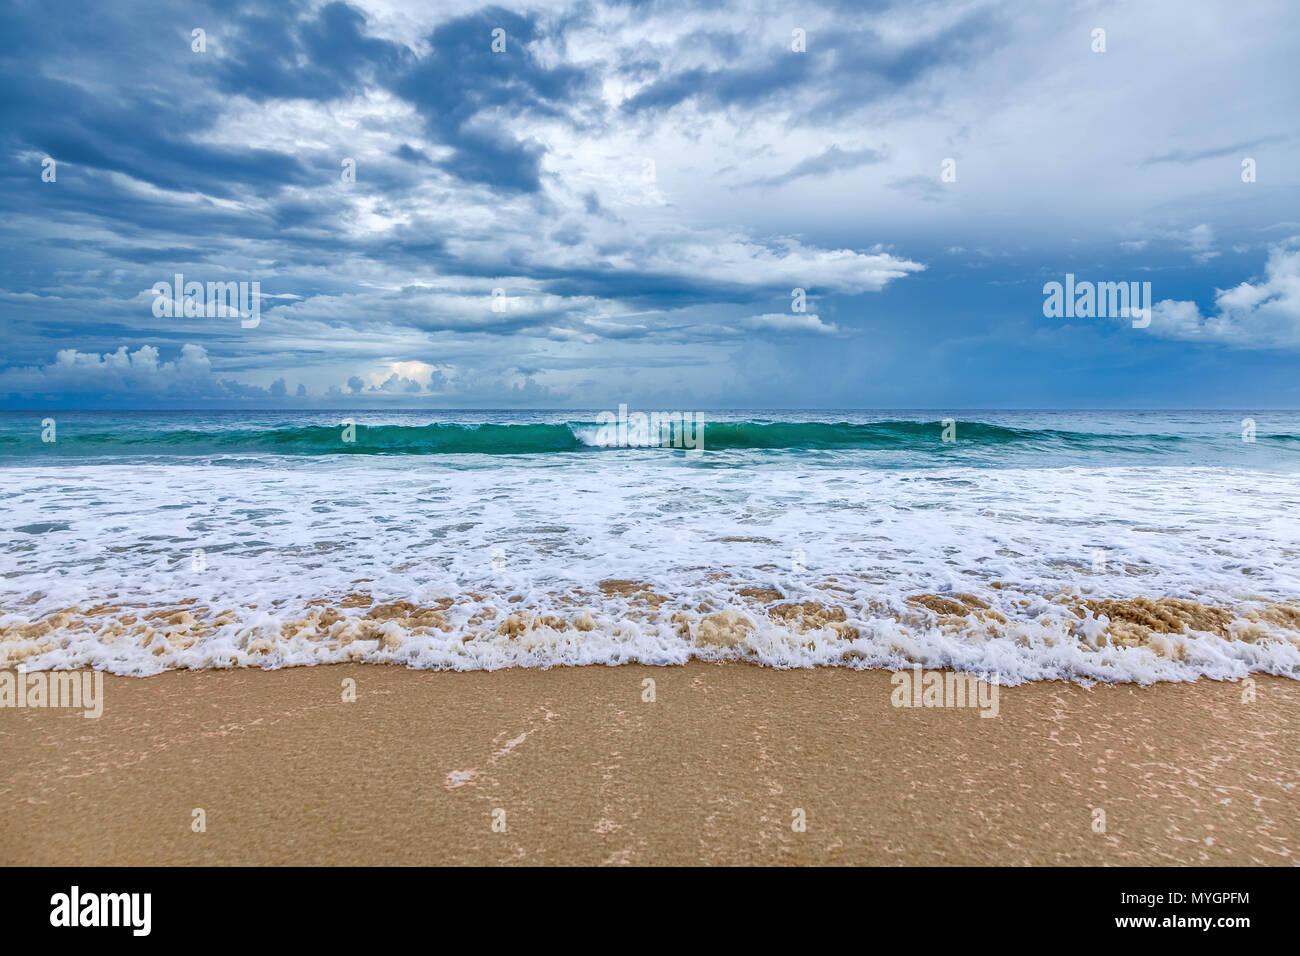 Karon Beach on Phuket Island in Thailand - Stock Image